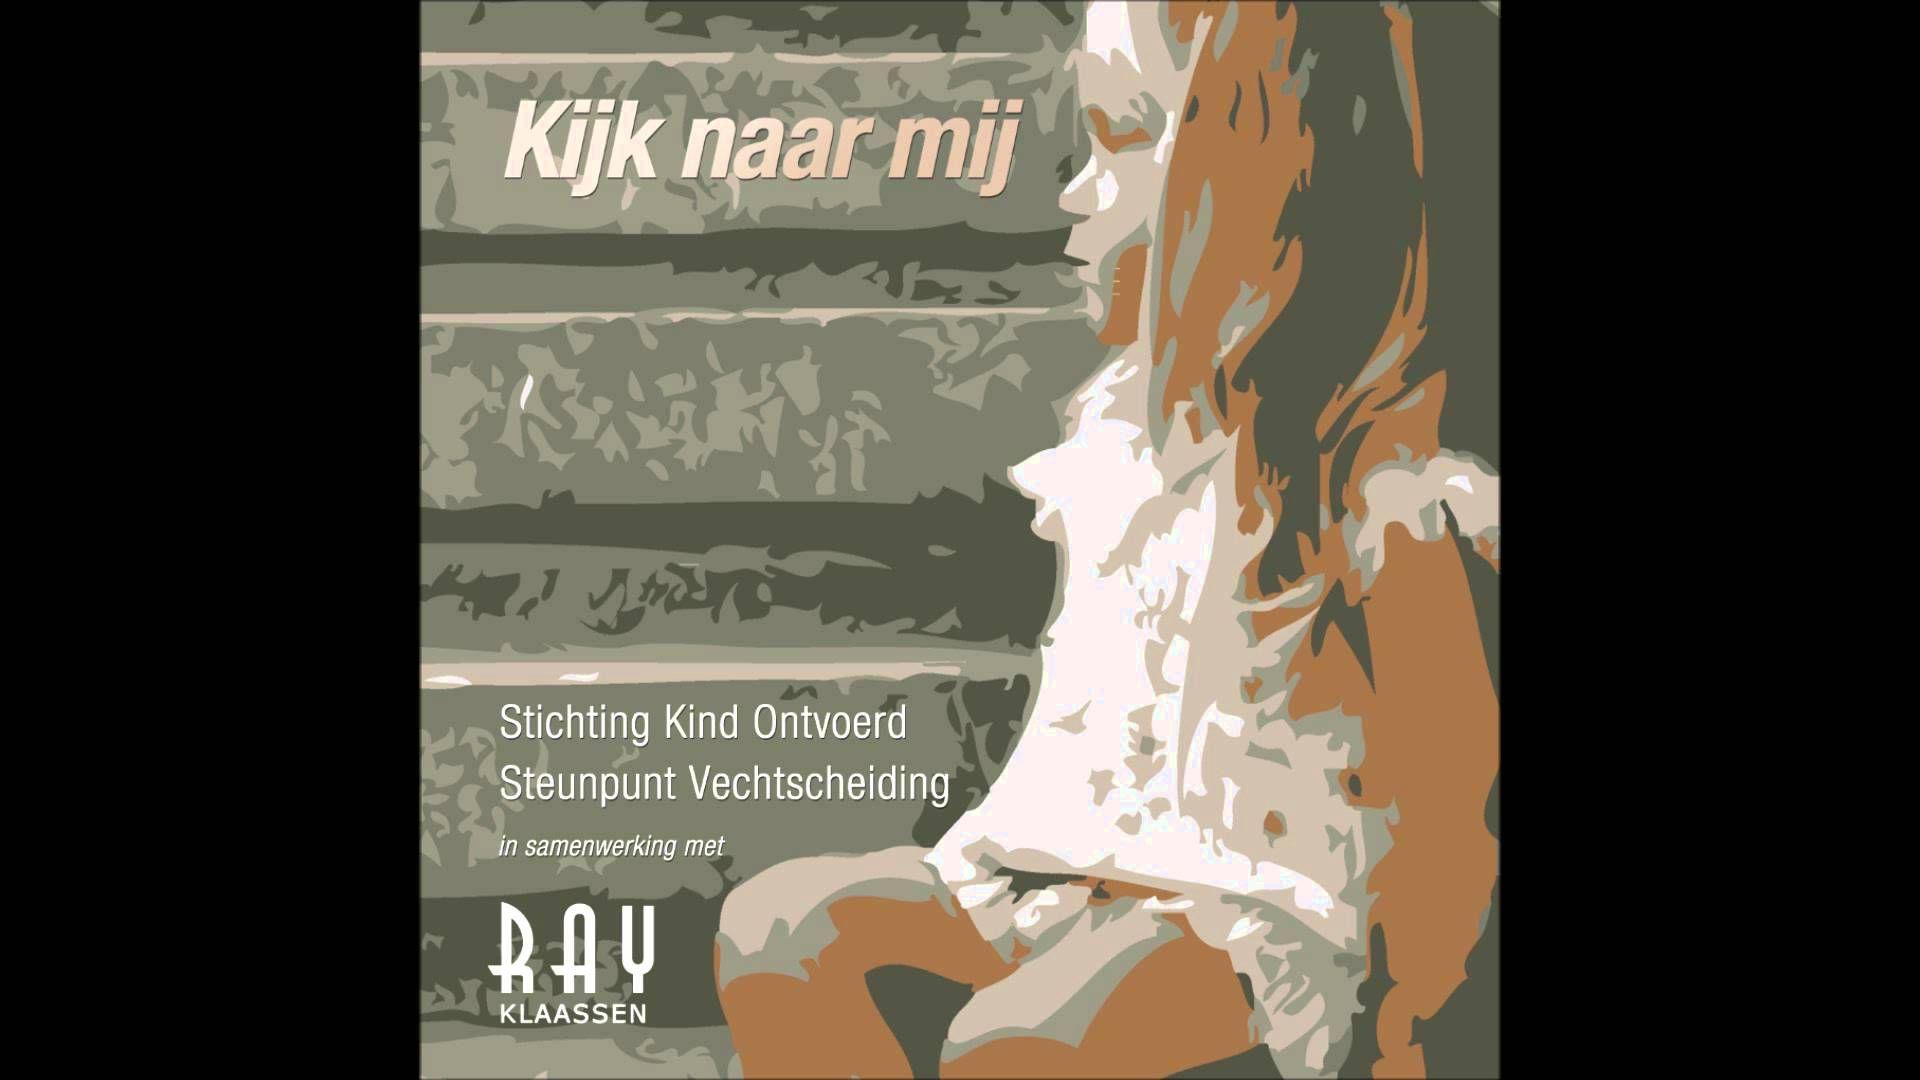 Kijk naar mij! - Ray Klaassen geschreven voor Stichting Kind Ontvoerd en Stichting Vechtscheiding